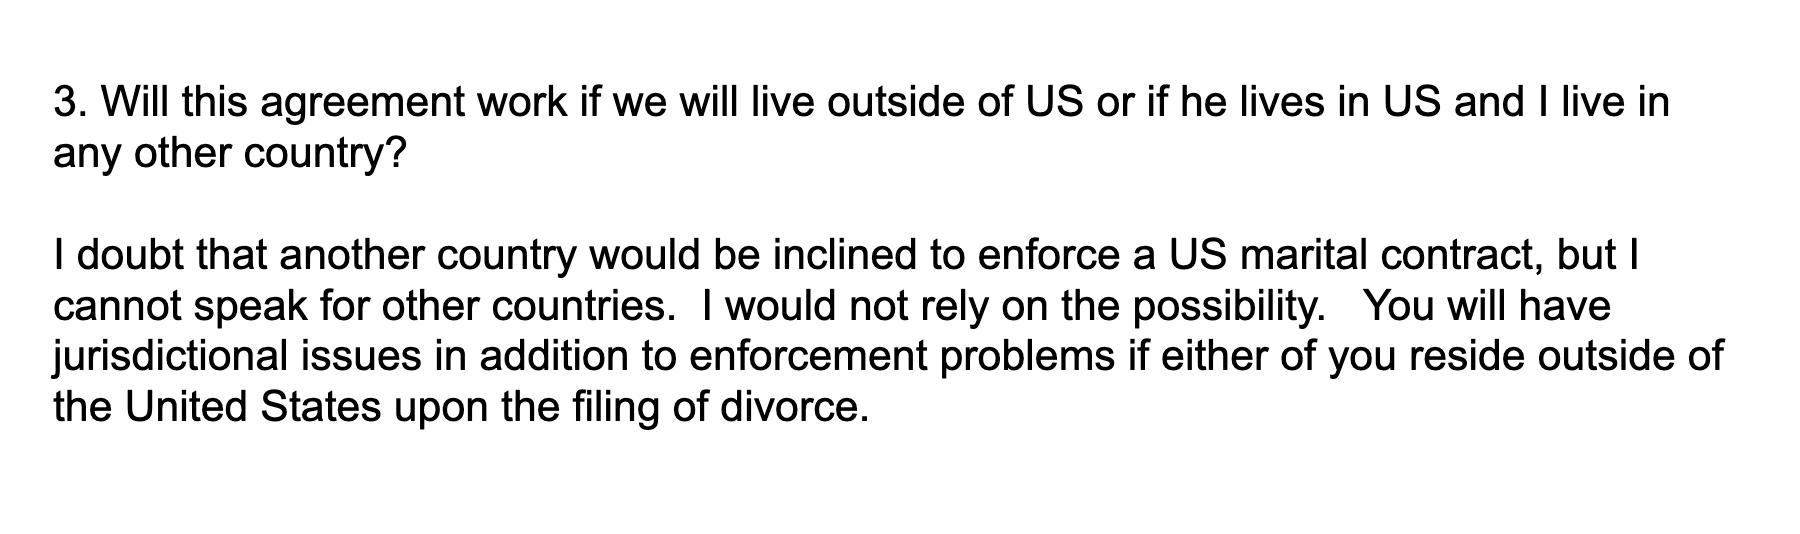 Здесь я спрашиваю, будет ли договор работать, если мы будем жить в другой стране. Оказывается, что, скорее всего, нет